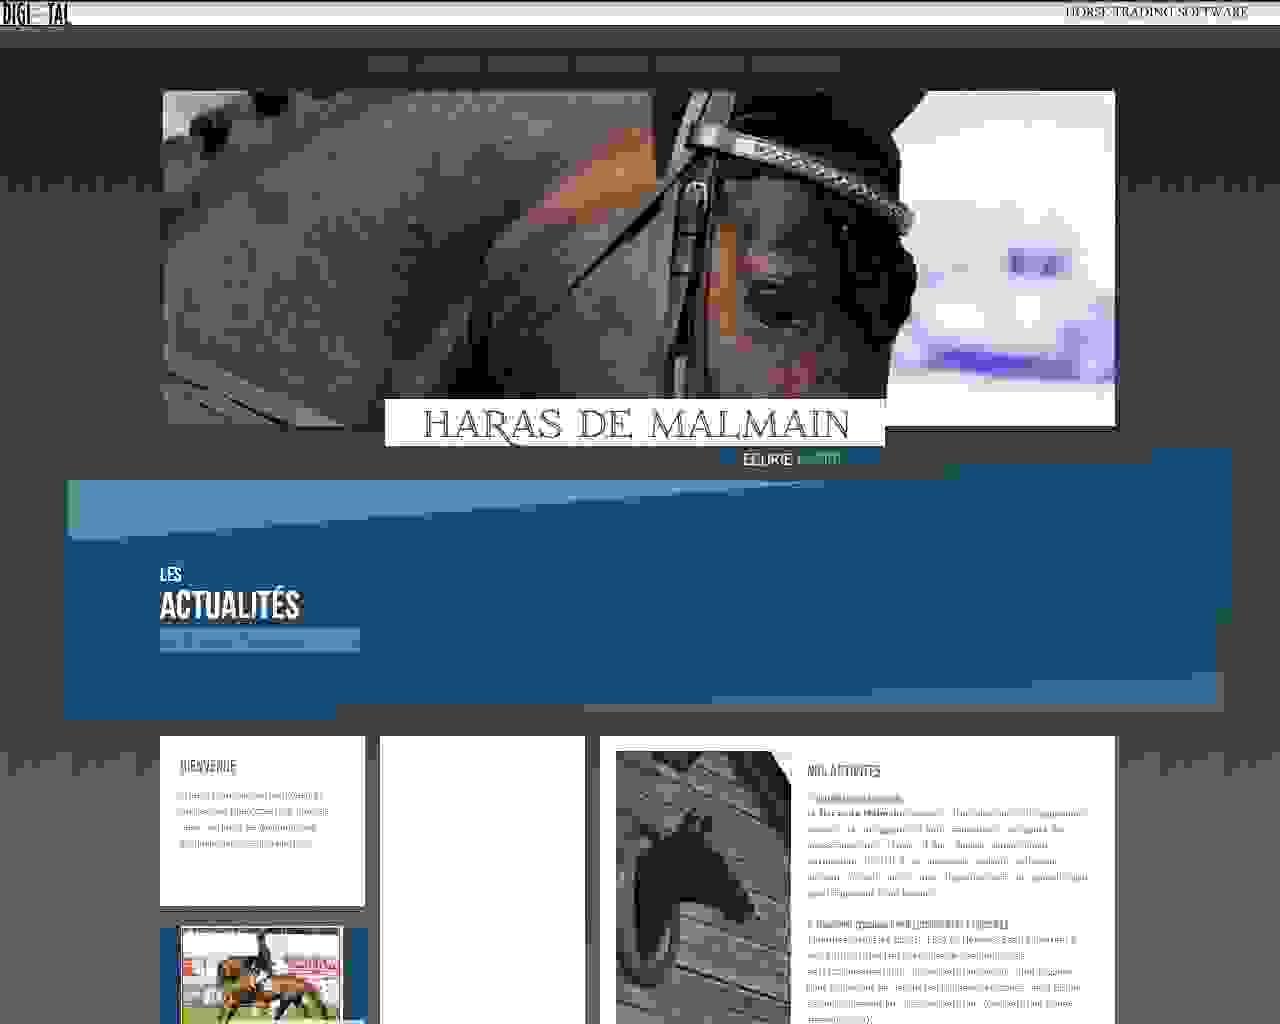 HARAS DE MALMAIN